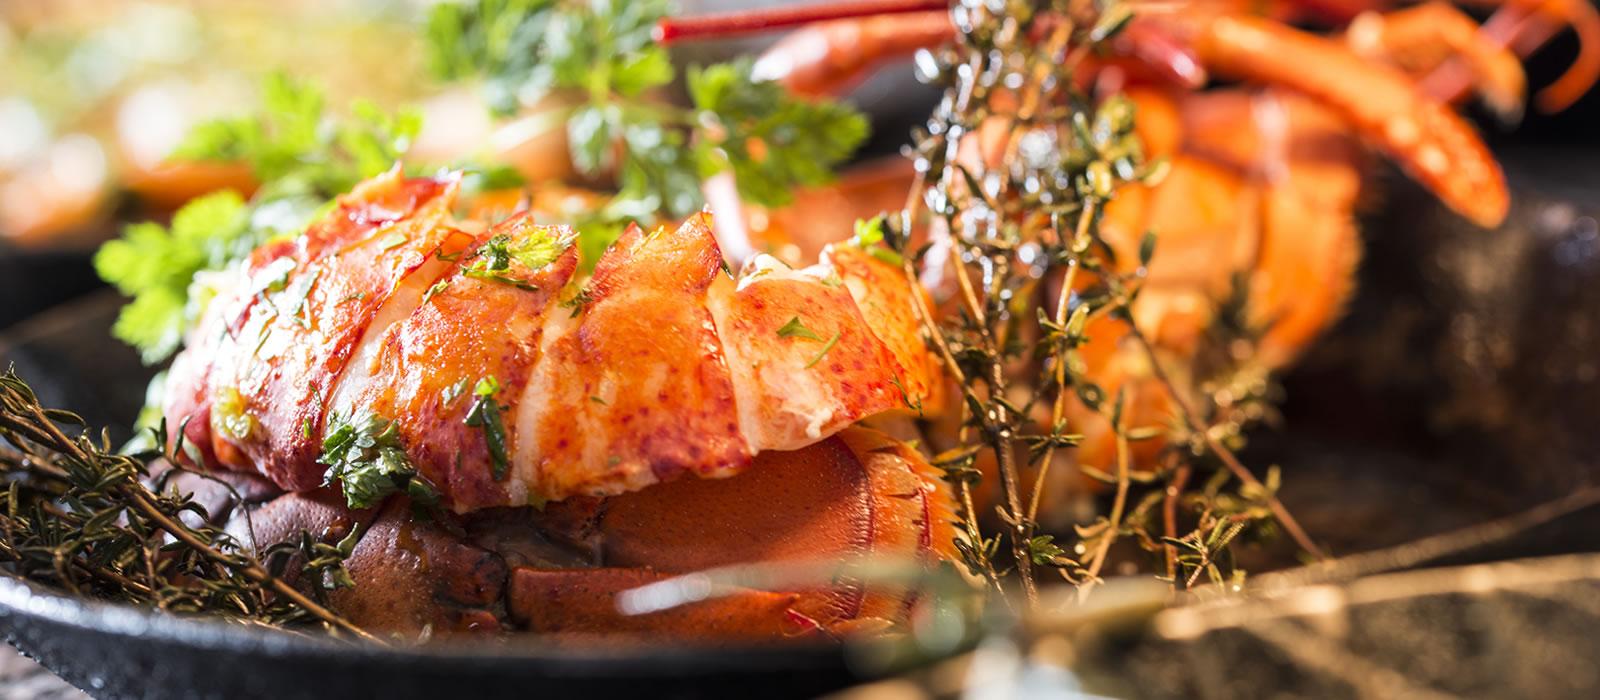 Speisekarte. Fisch und Fleisch. Mediterrane Küche. Hamburg.